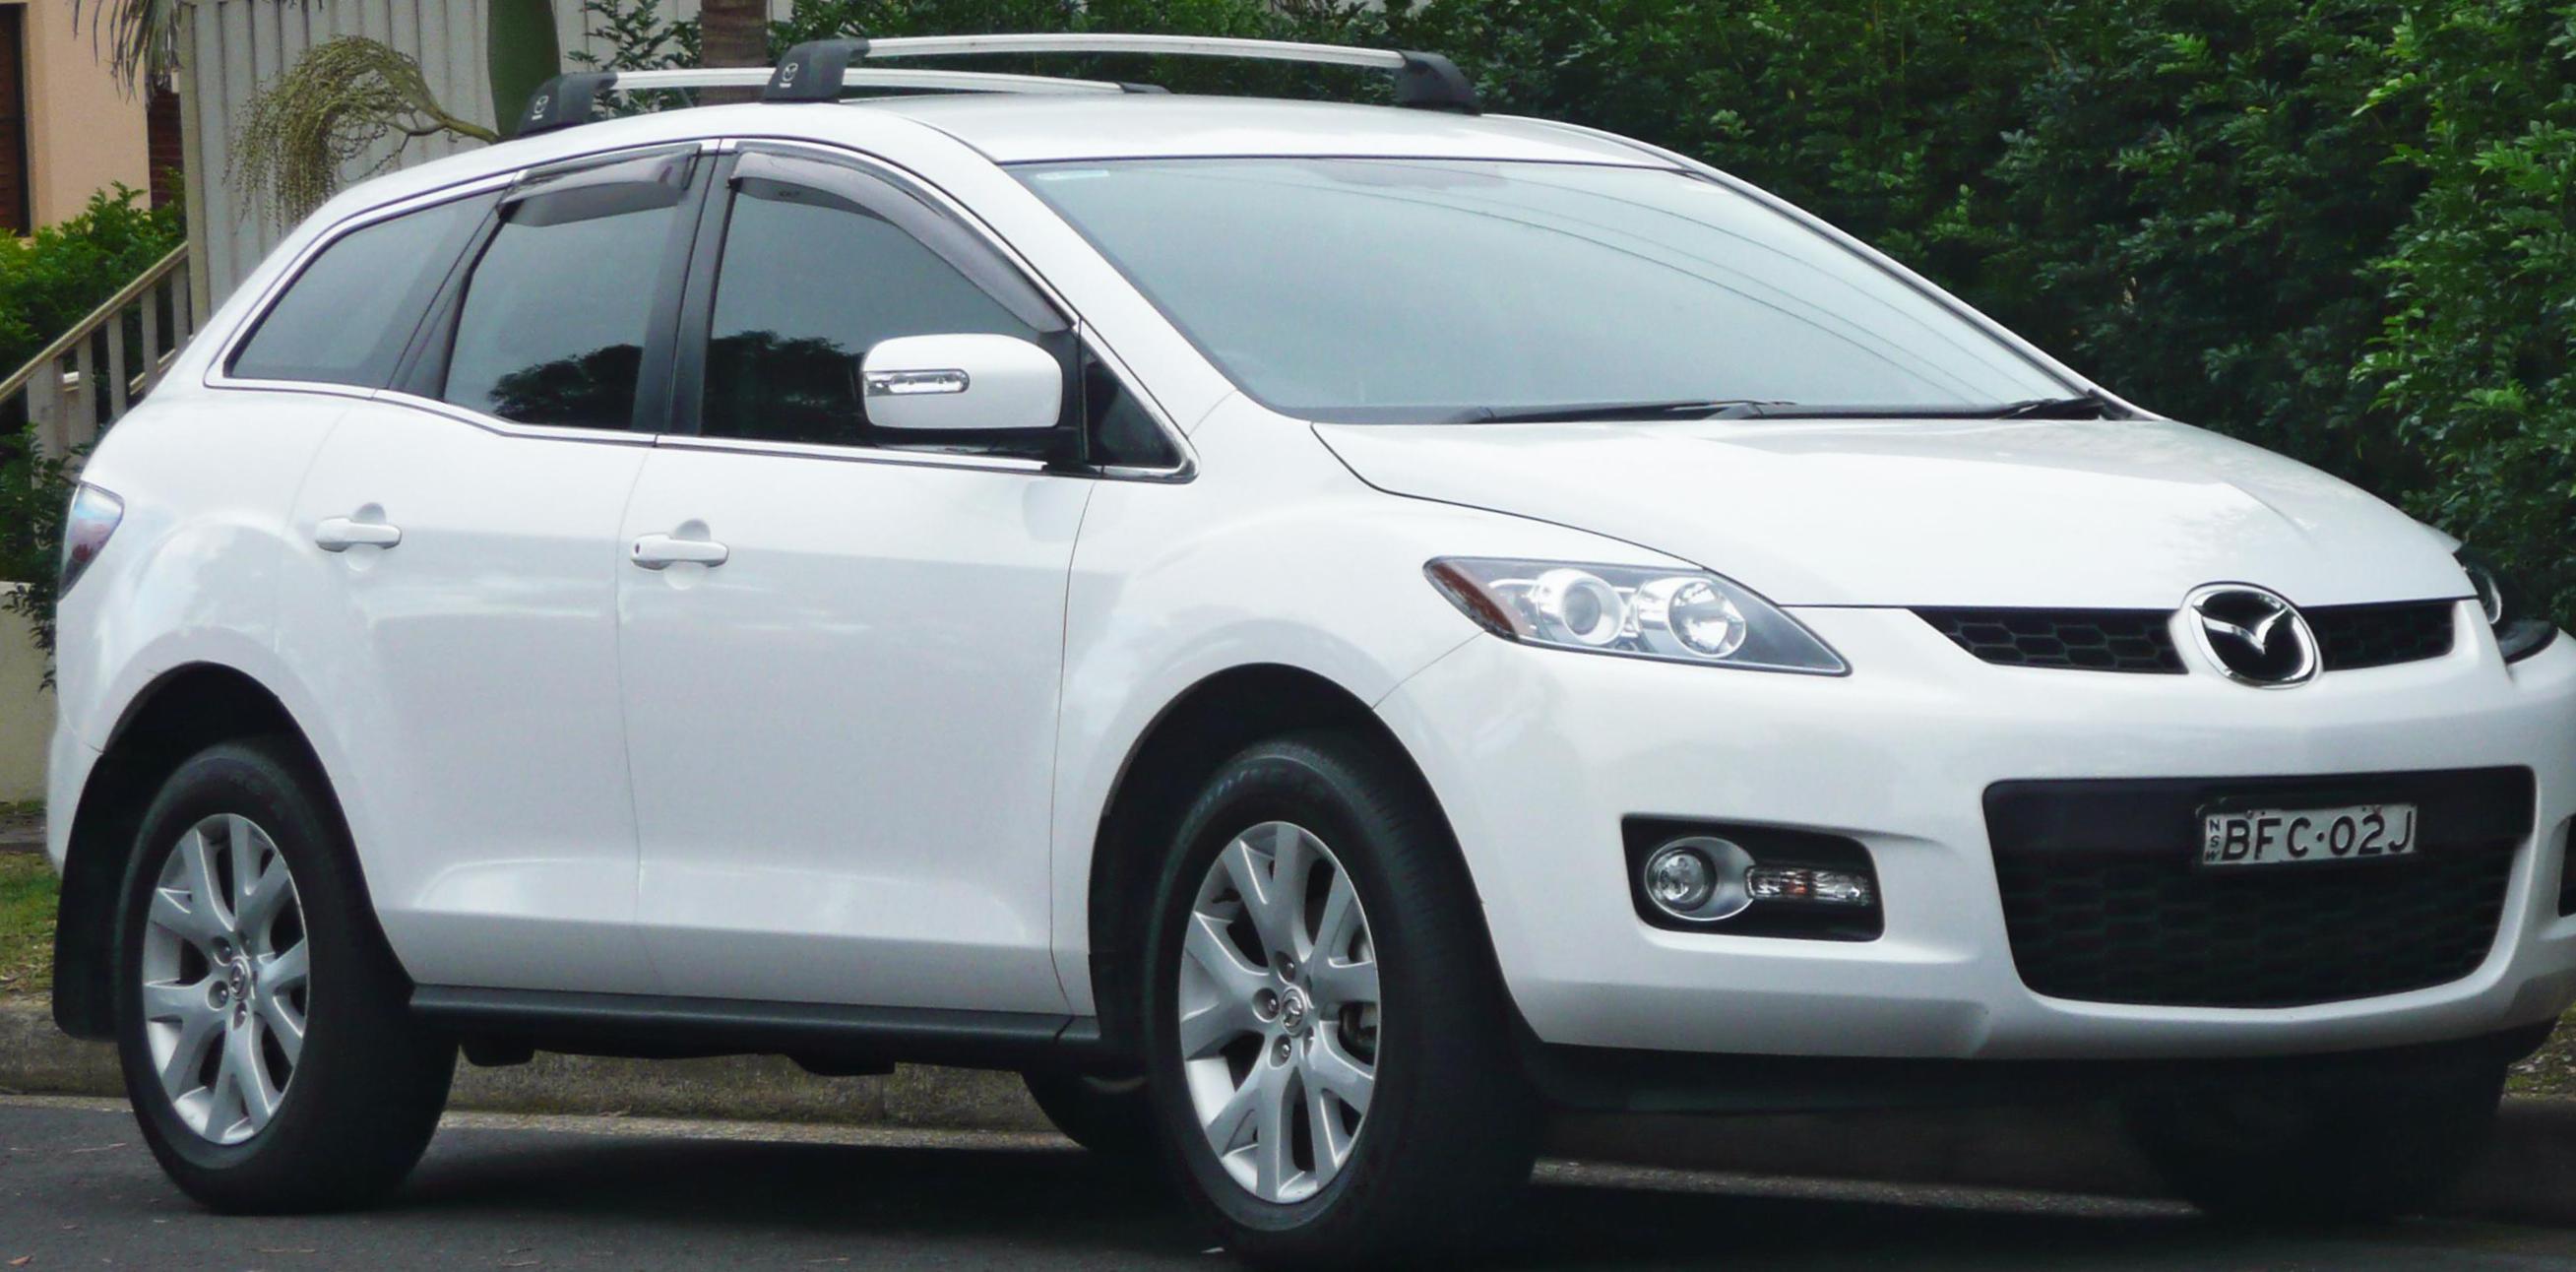 Kelebihan Kekurangan Mazda Cx 7 2012 Spesifikasi